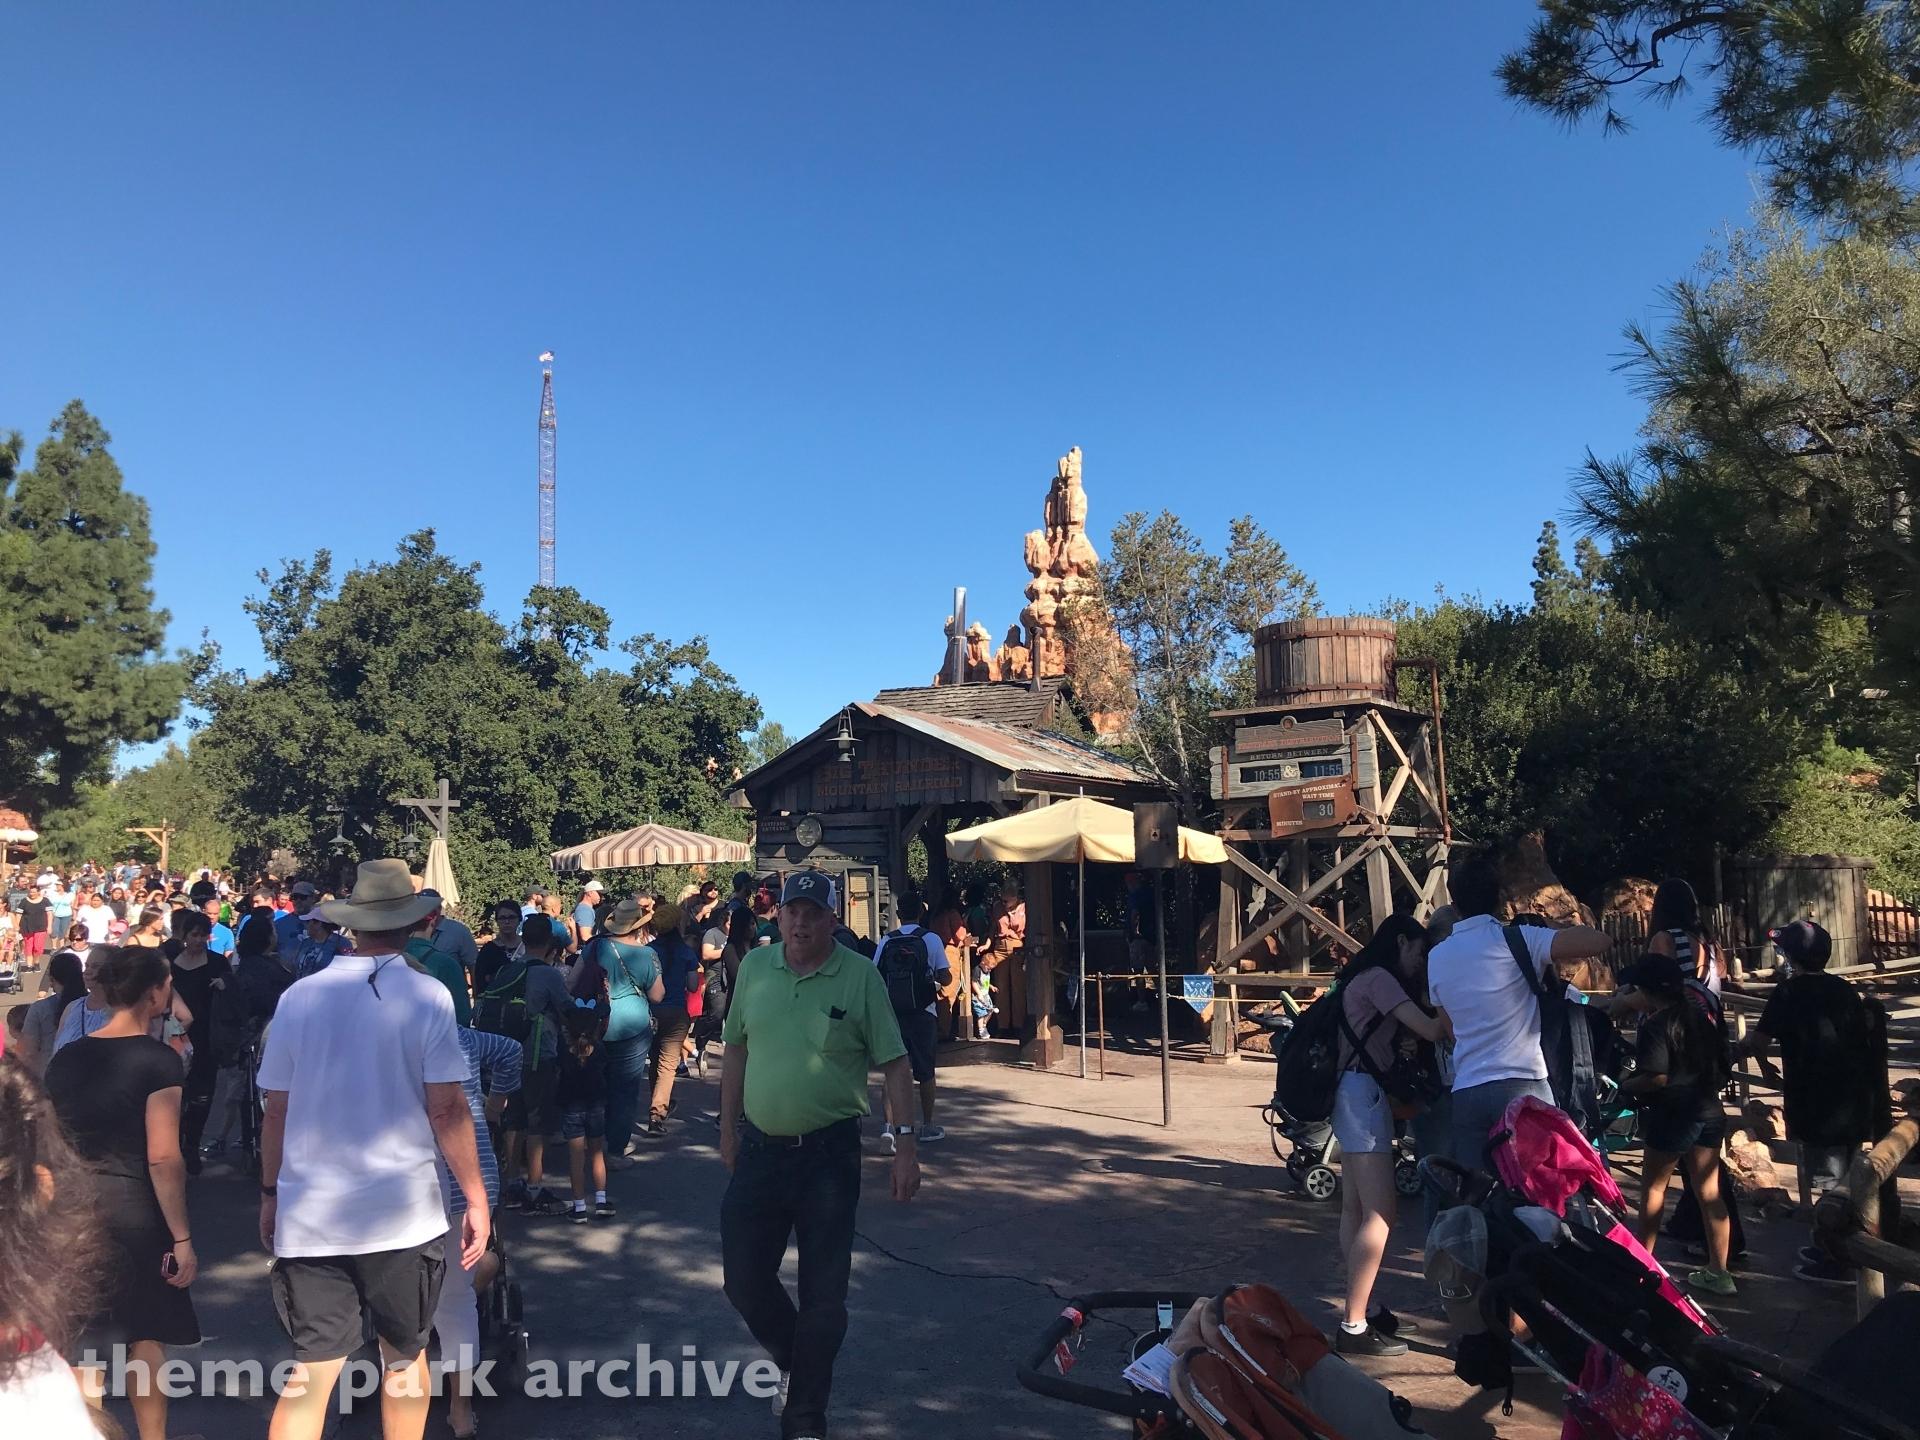 Frontierland at Disneyland